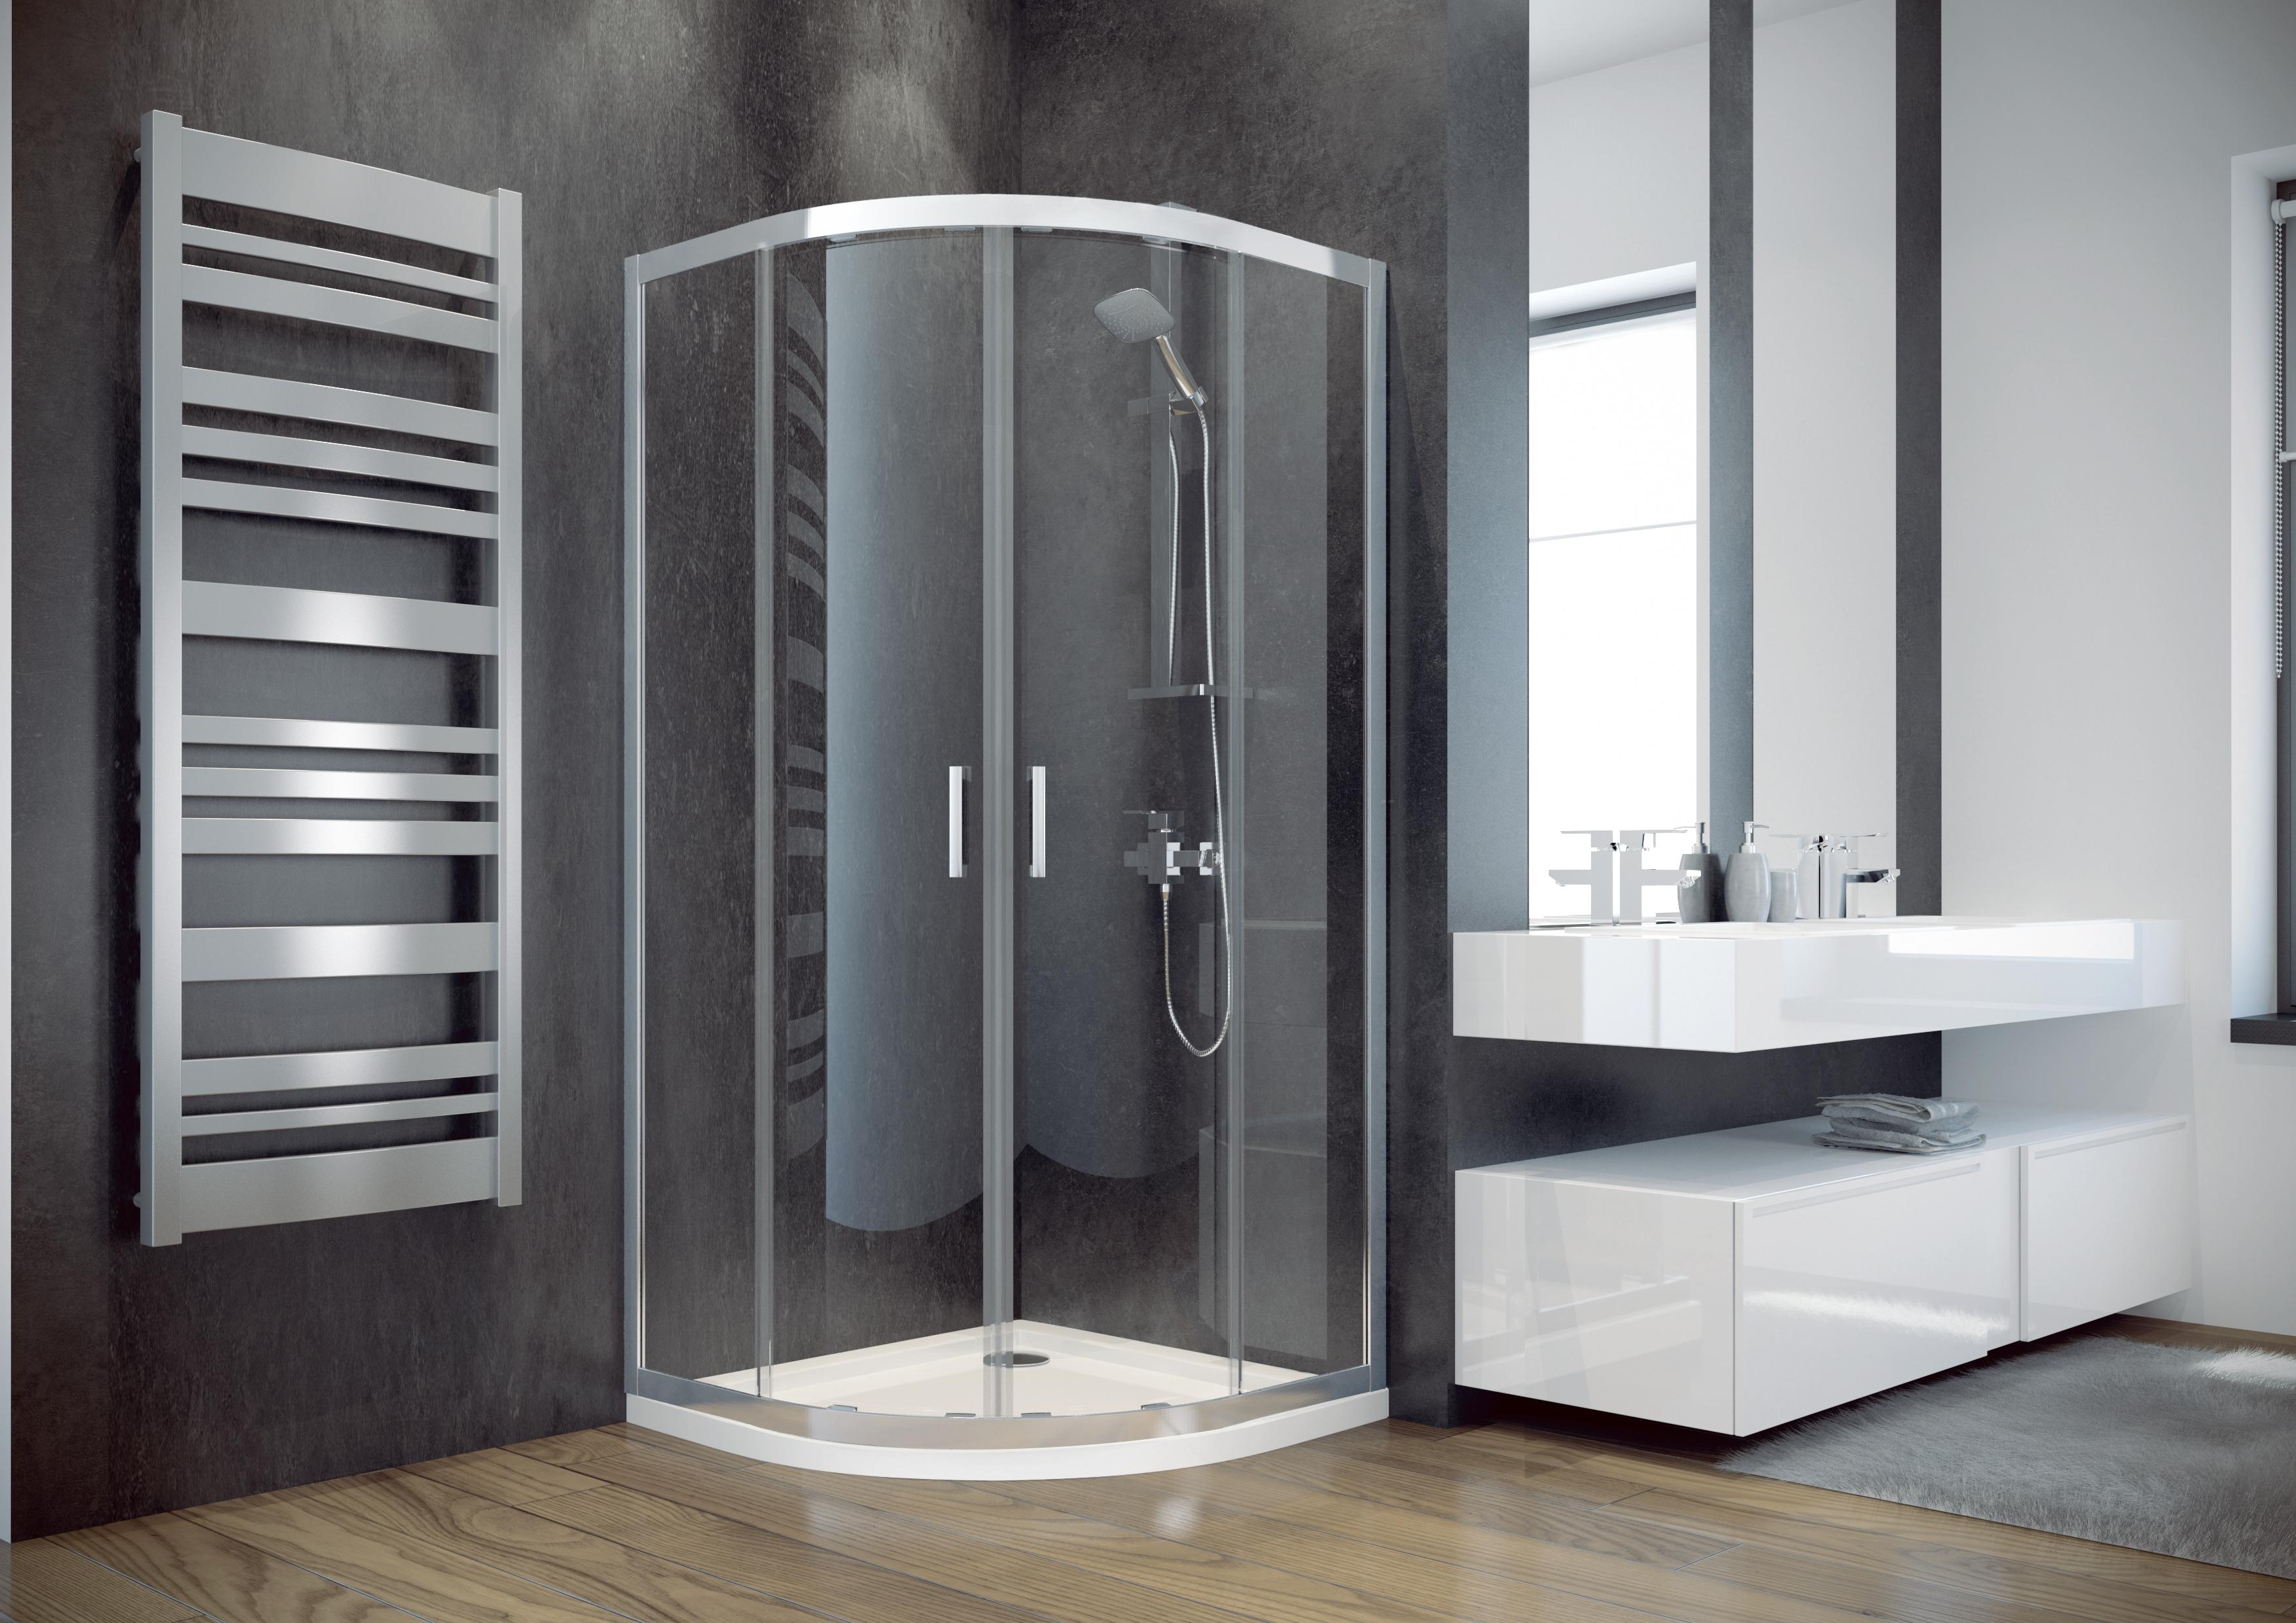 Rodzaje kabin prysznicowych do łazienki